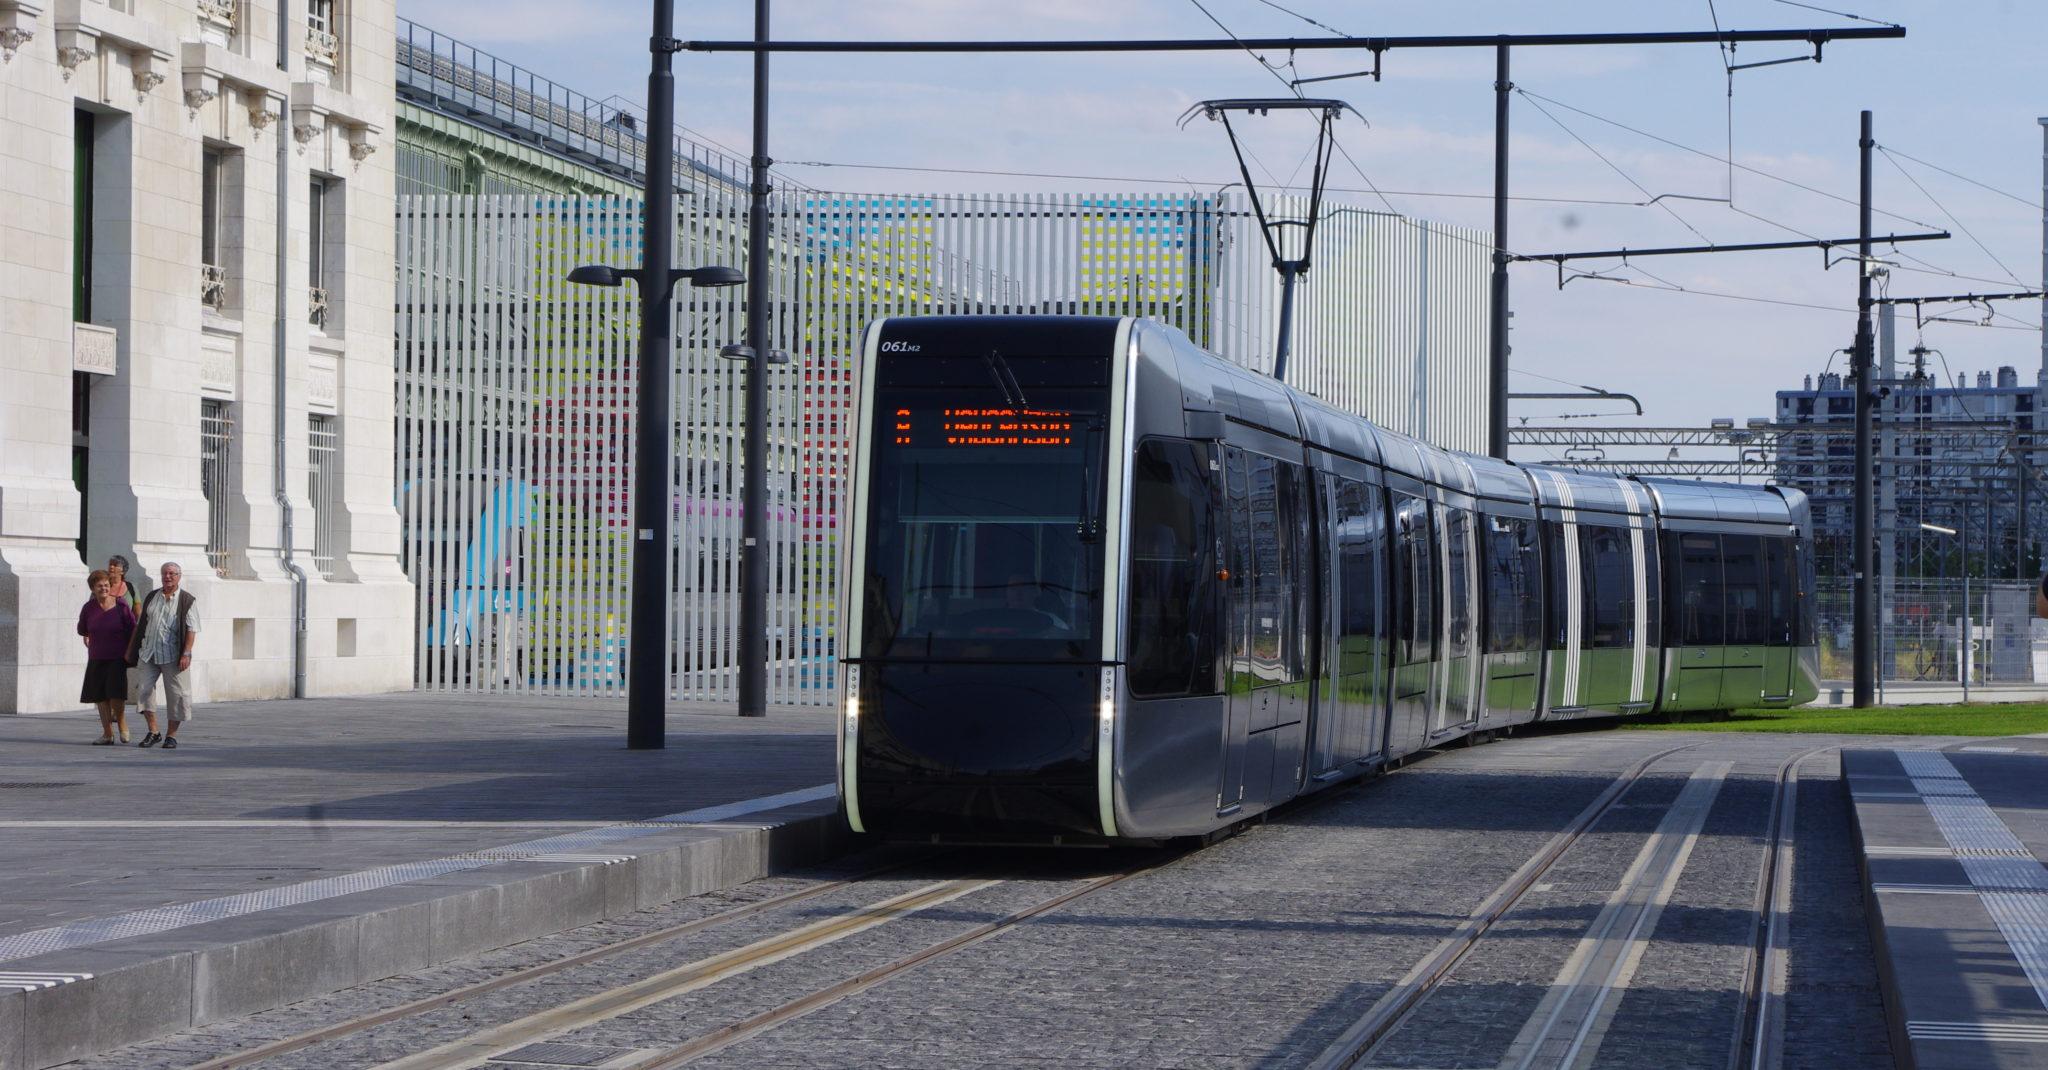 Avec la crise, la menace d'une diminution de l'offre des transports publics